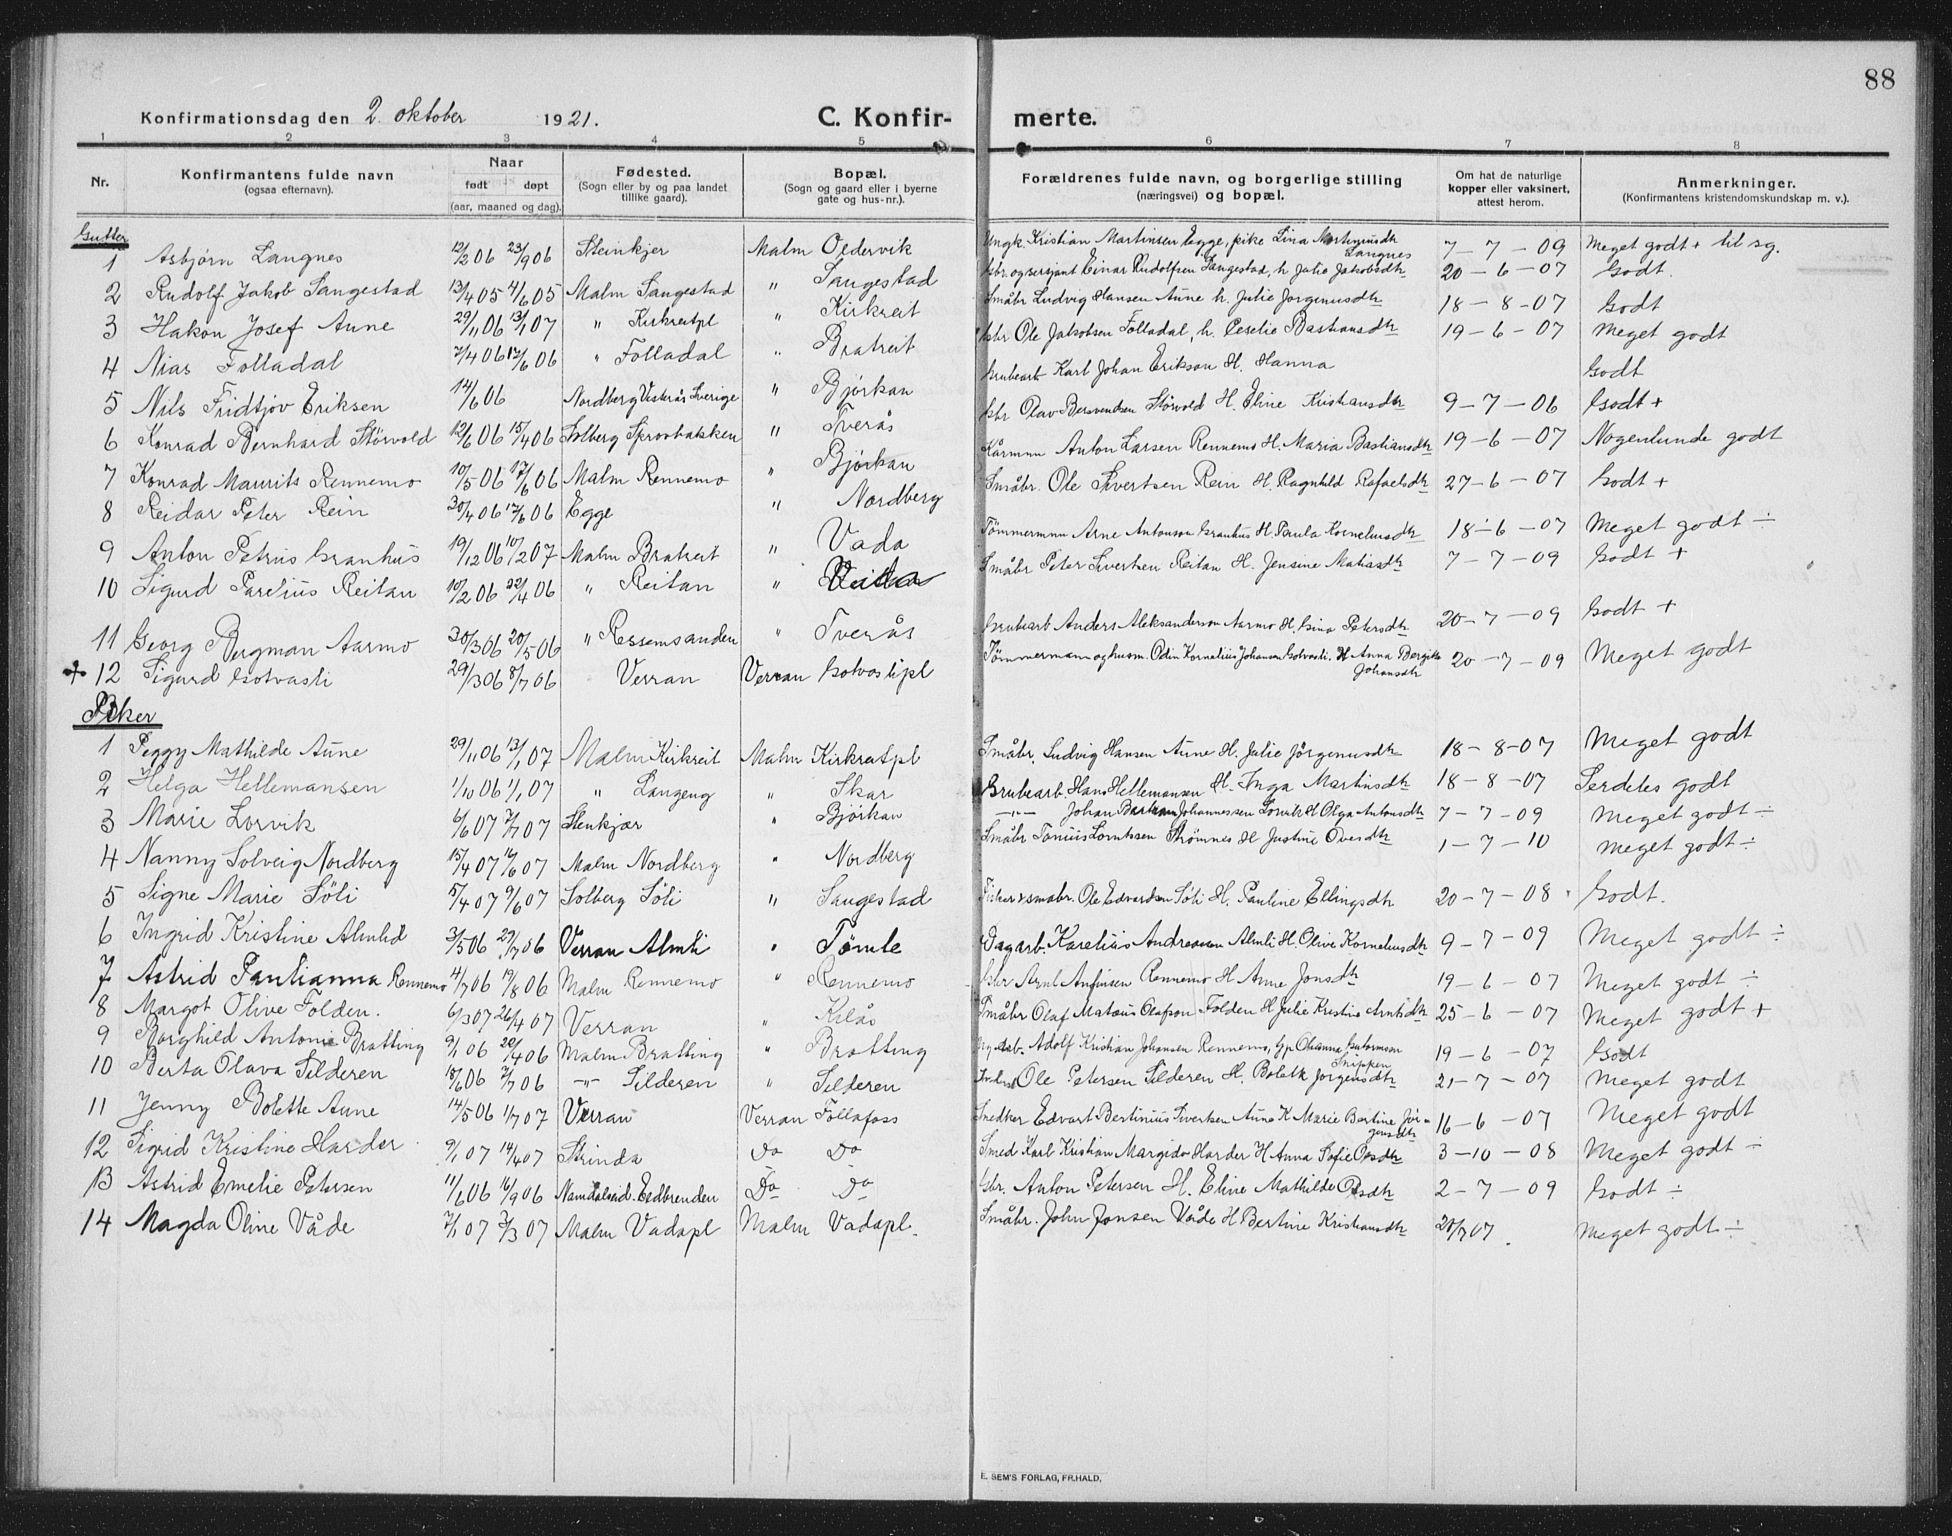 SAT, Ministerialprotokoller, klokkerbøker og fødselsregistre - Nord-Trøndelag, 745/L0434: Klokkerbok nr. 745C03, 1914-1937, s. 88